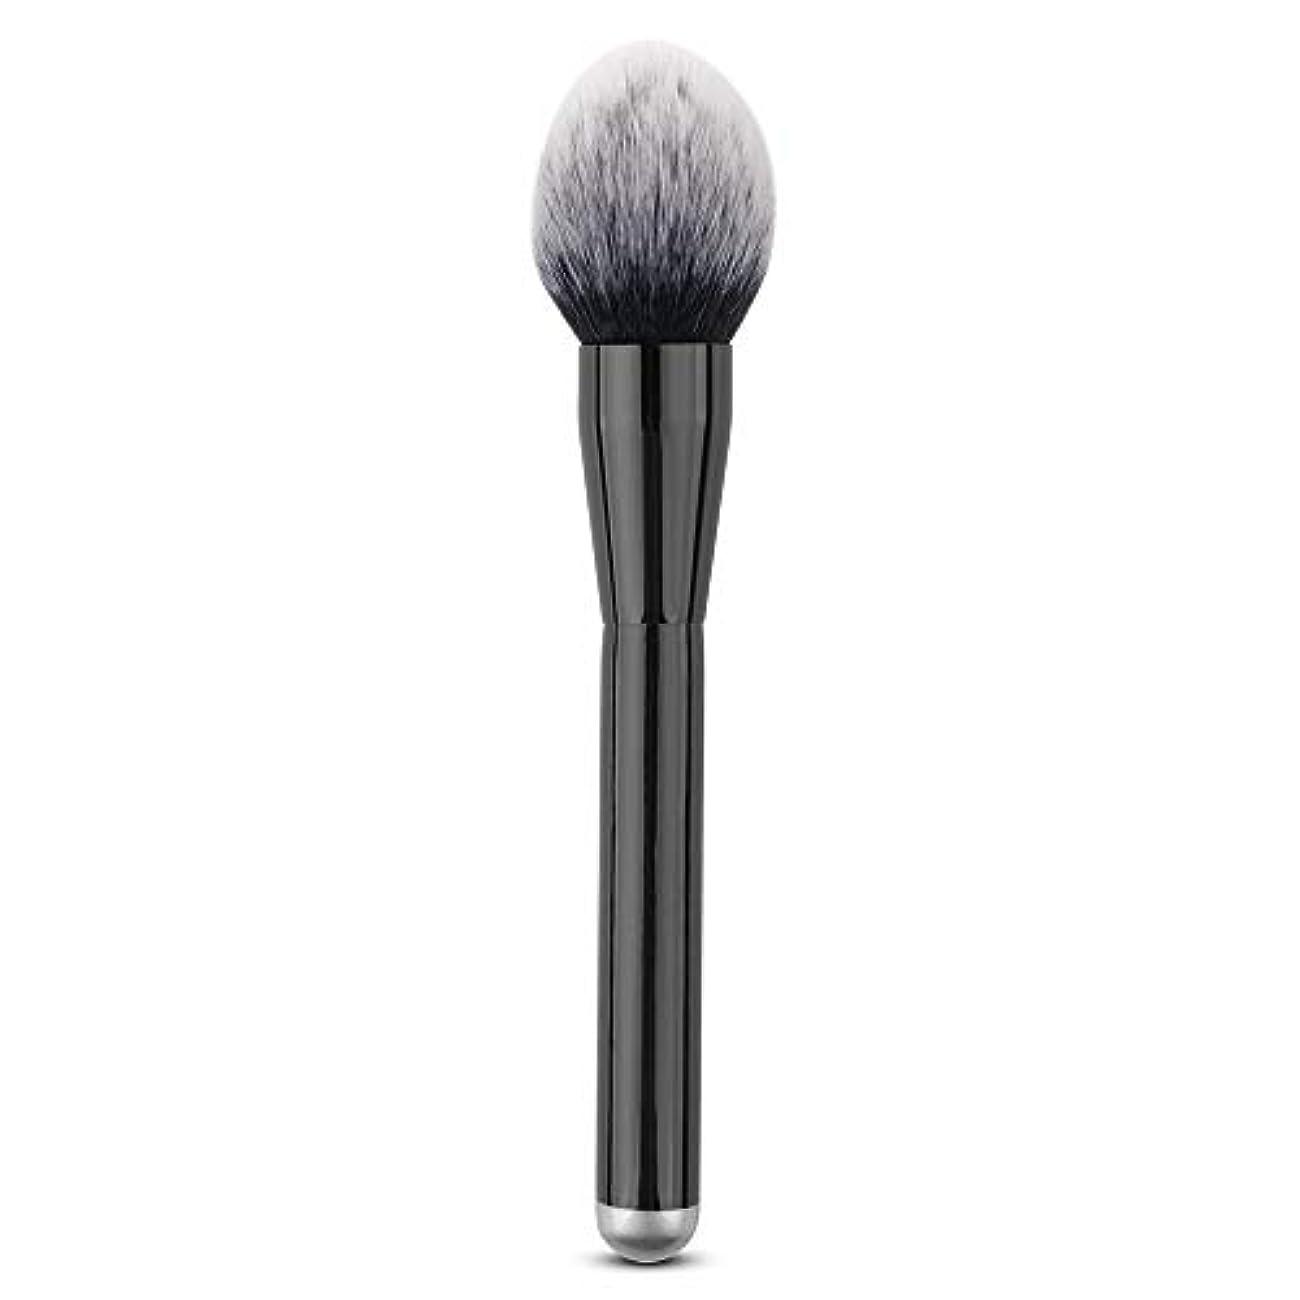 盲信水曜日ヒューバートハドソンMakeup brushes 単一のブラシ巧みな構造のブラシ柔らかいブラシPerdurableおよび携帯用構造専門の構造のブラシ suits (Color : Black)